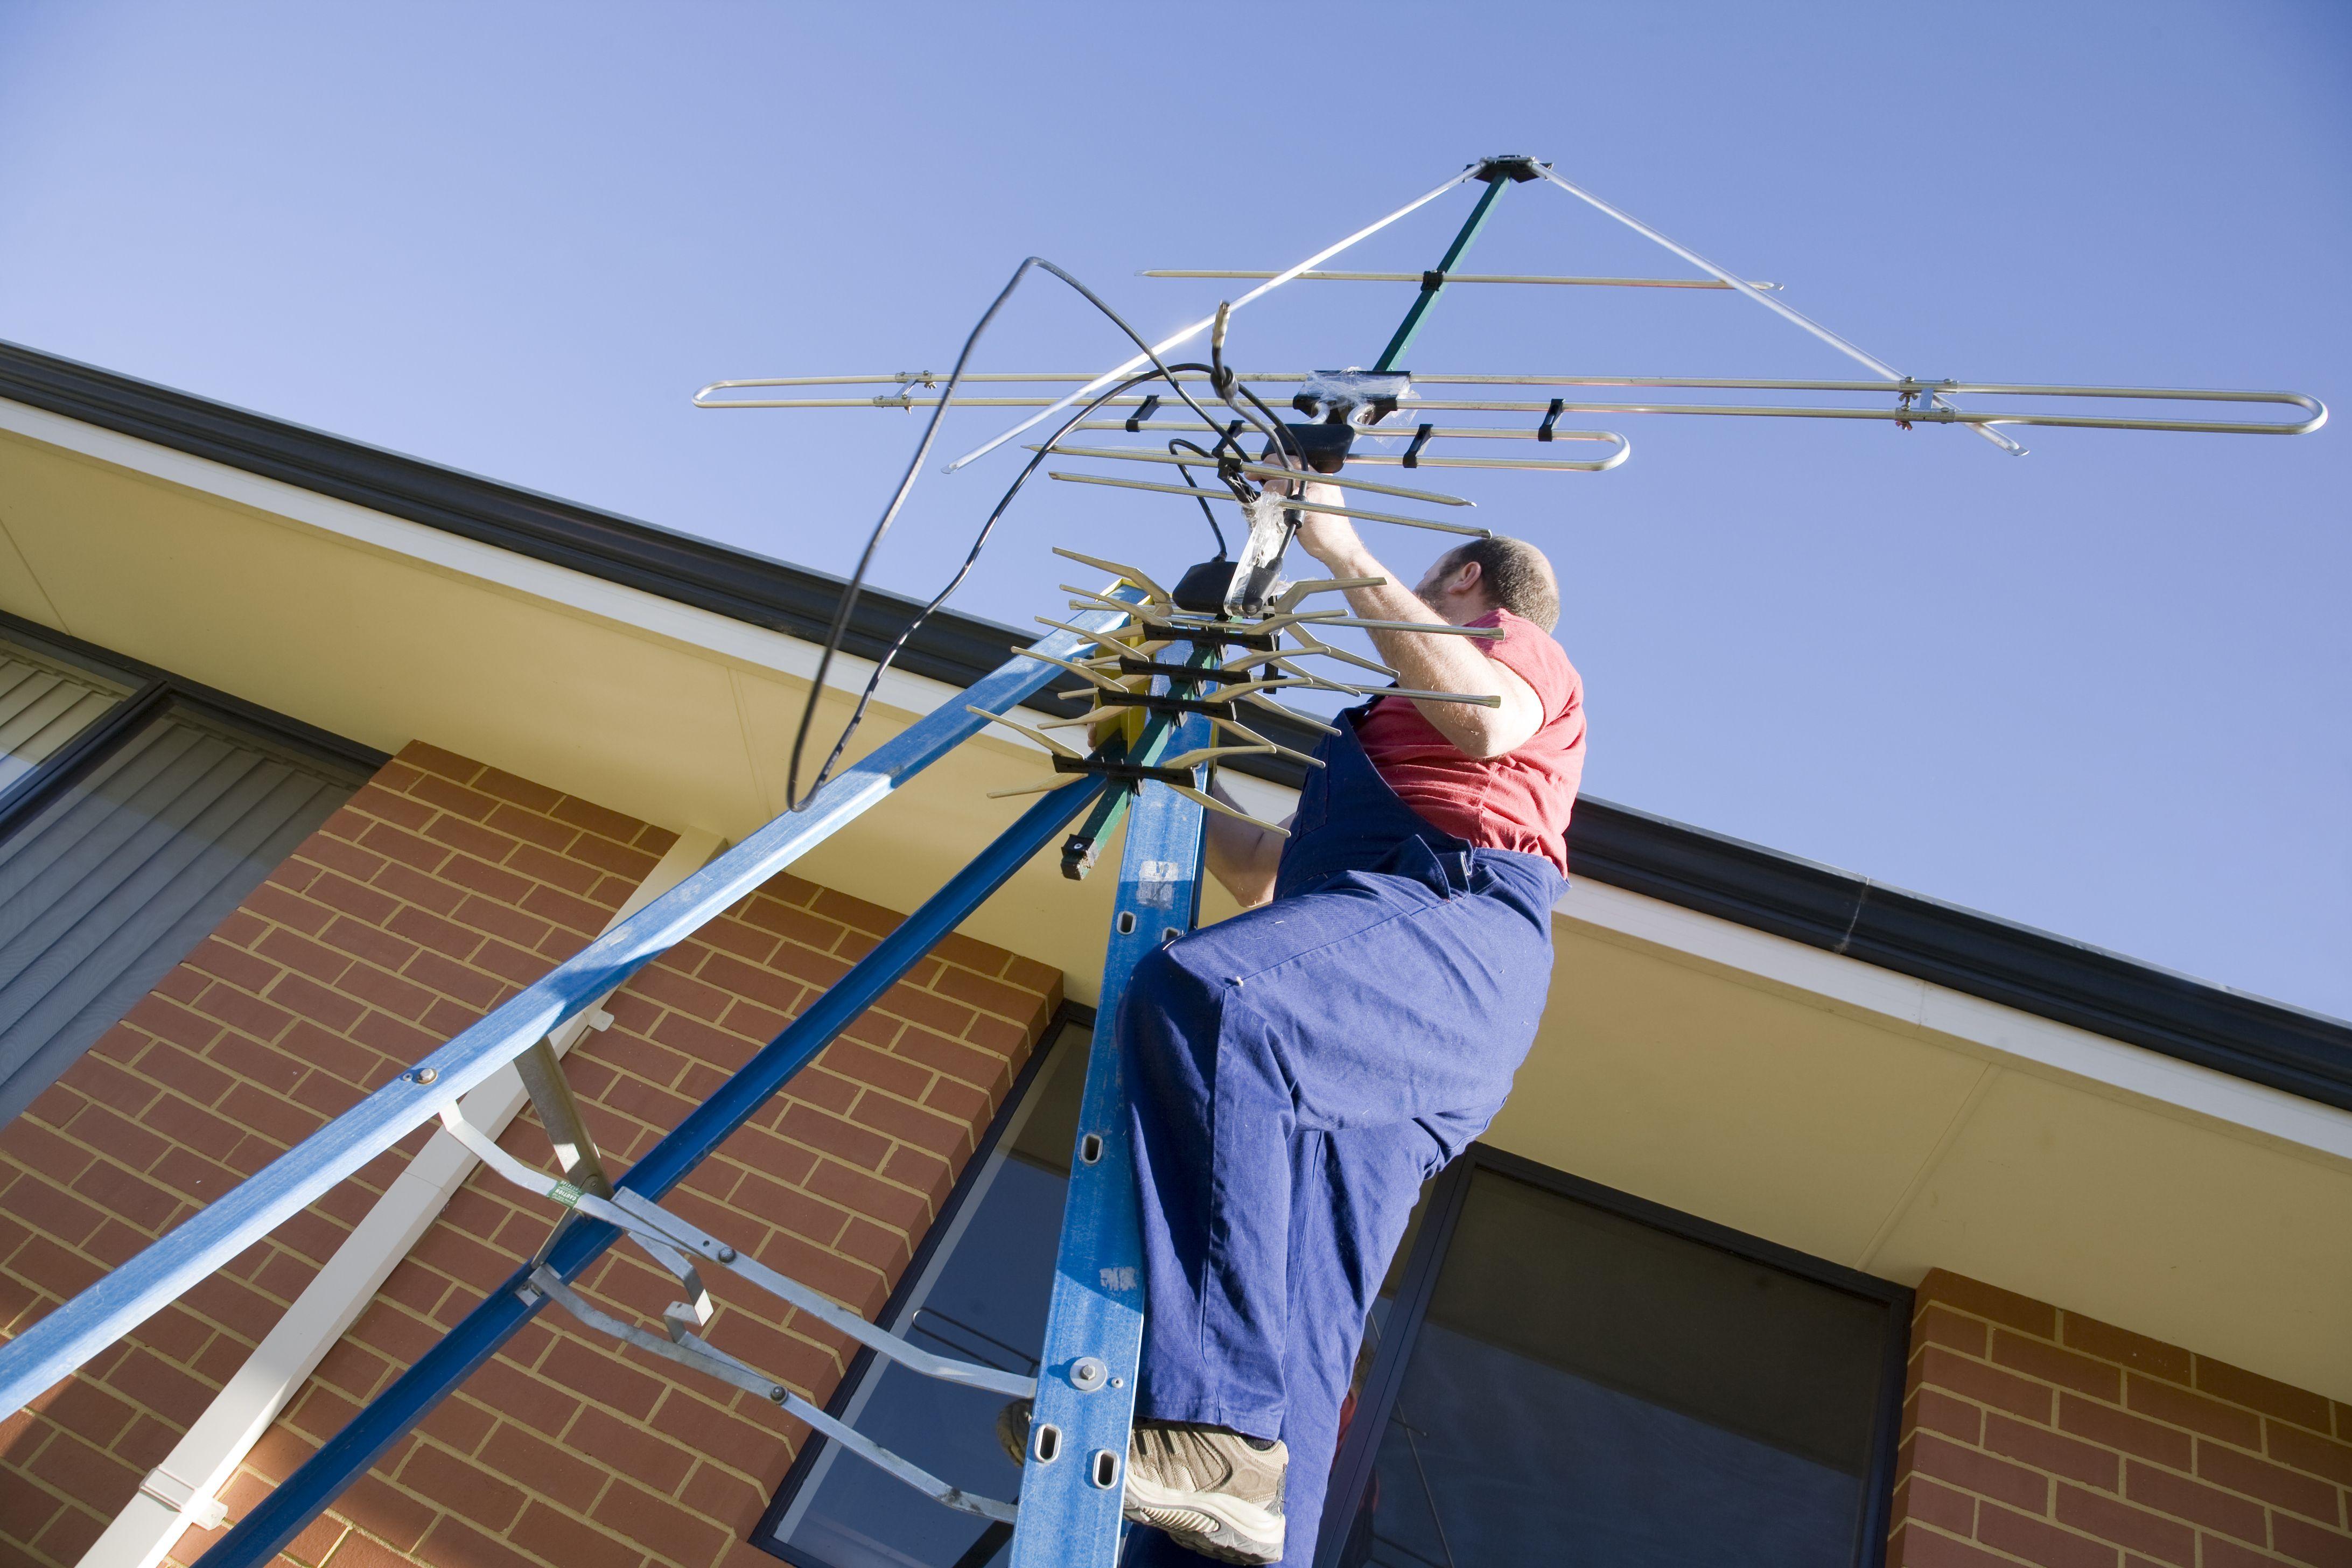 Técnicos en la instalación de antenas en Badajoz